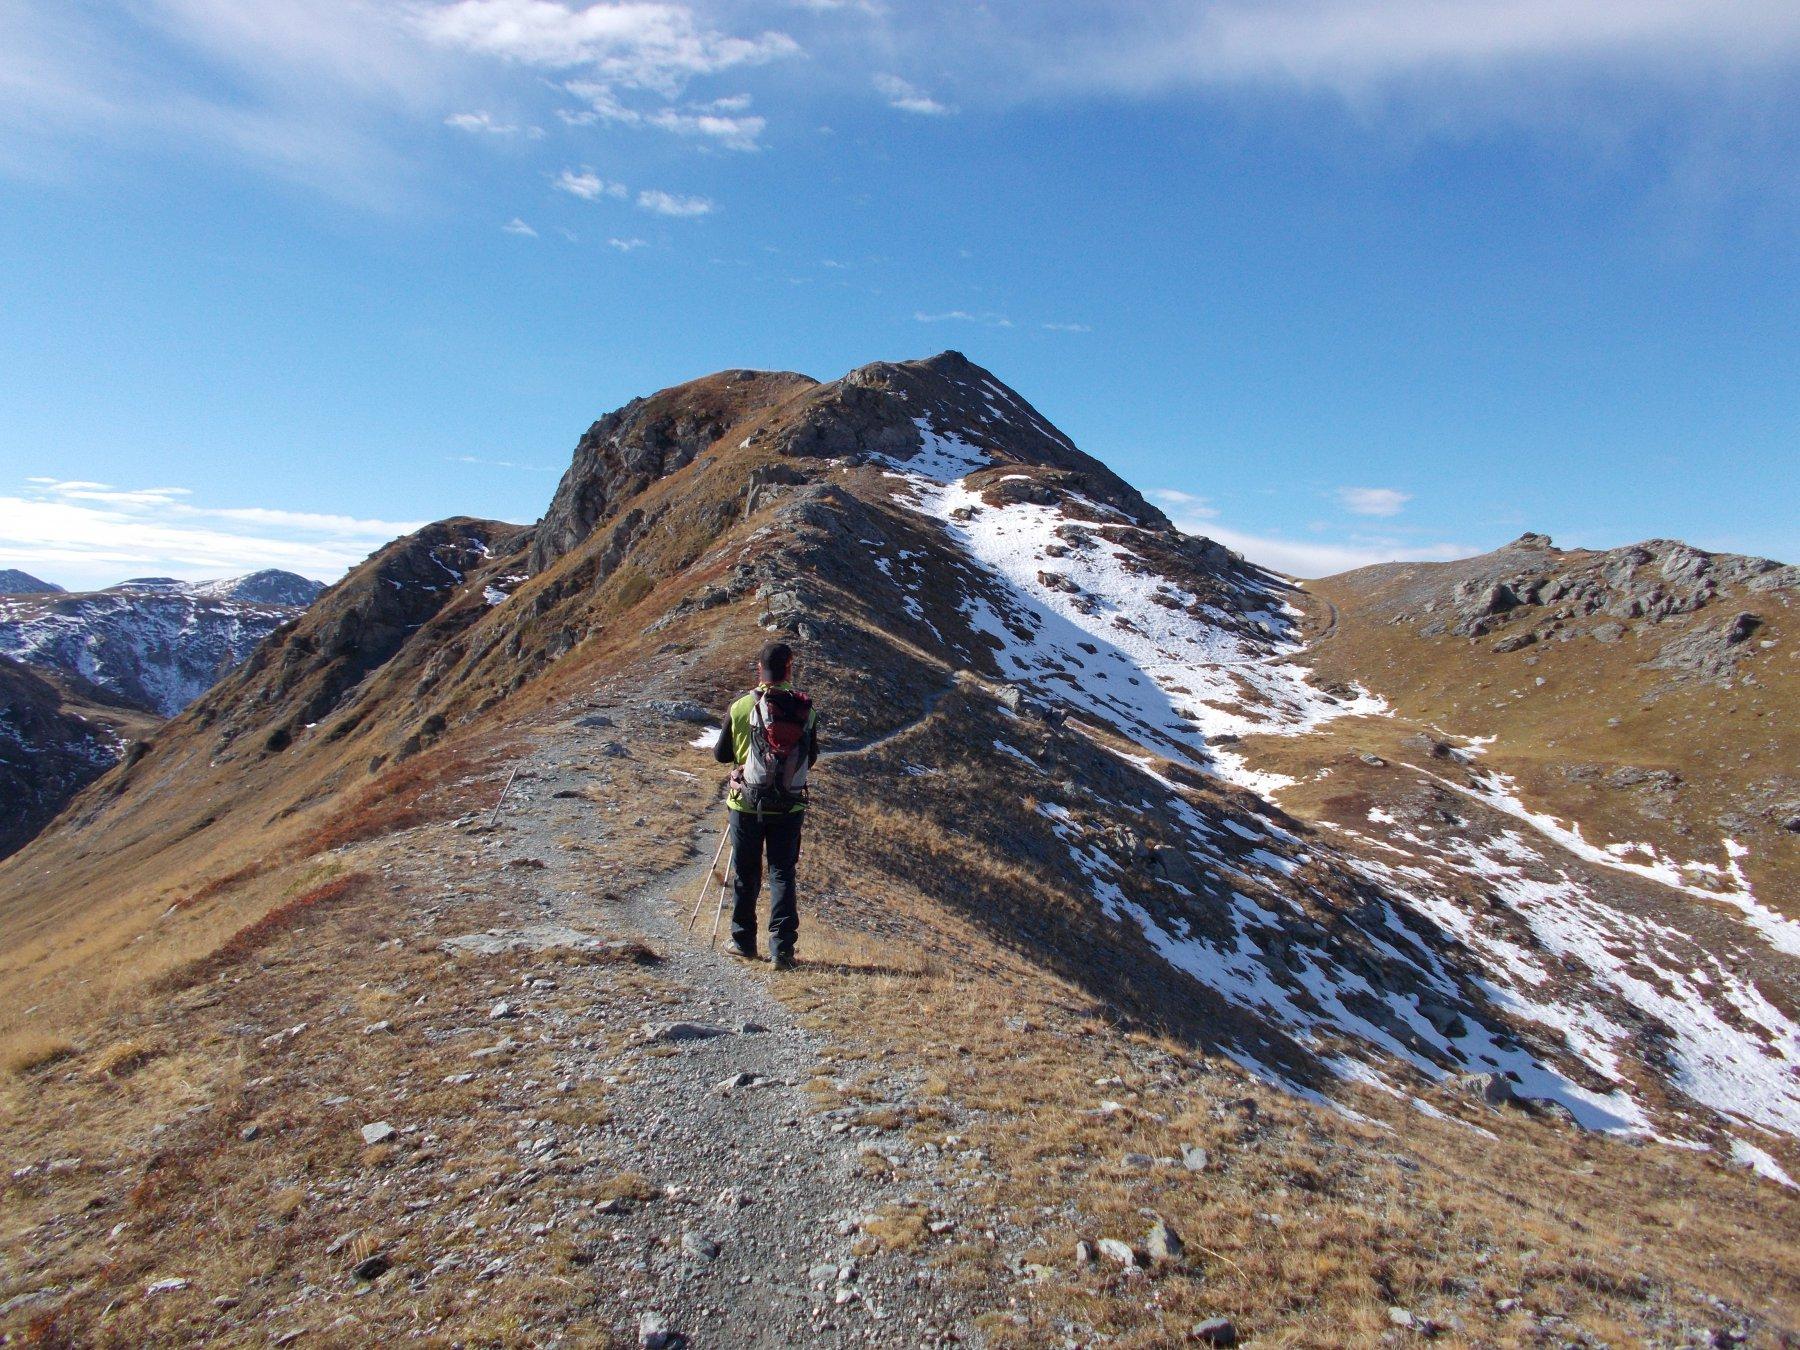 il monte Pelvo succede al Sibolet..